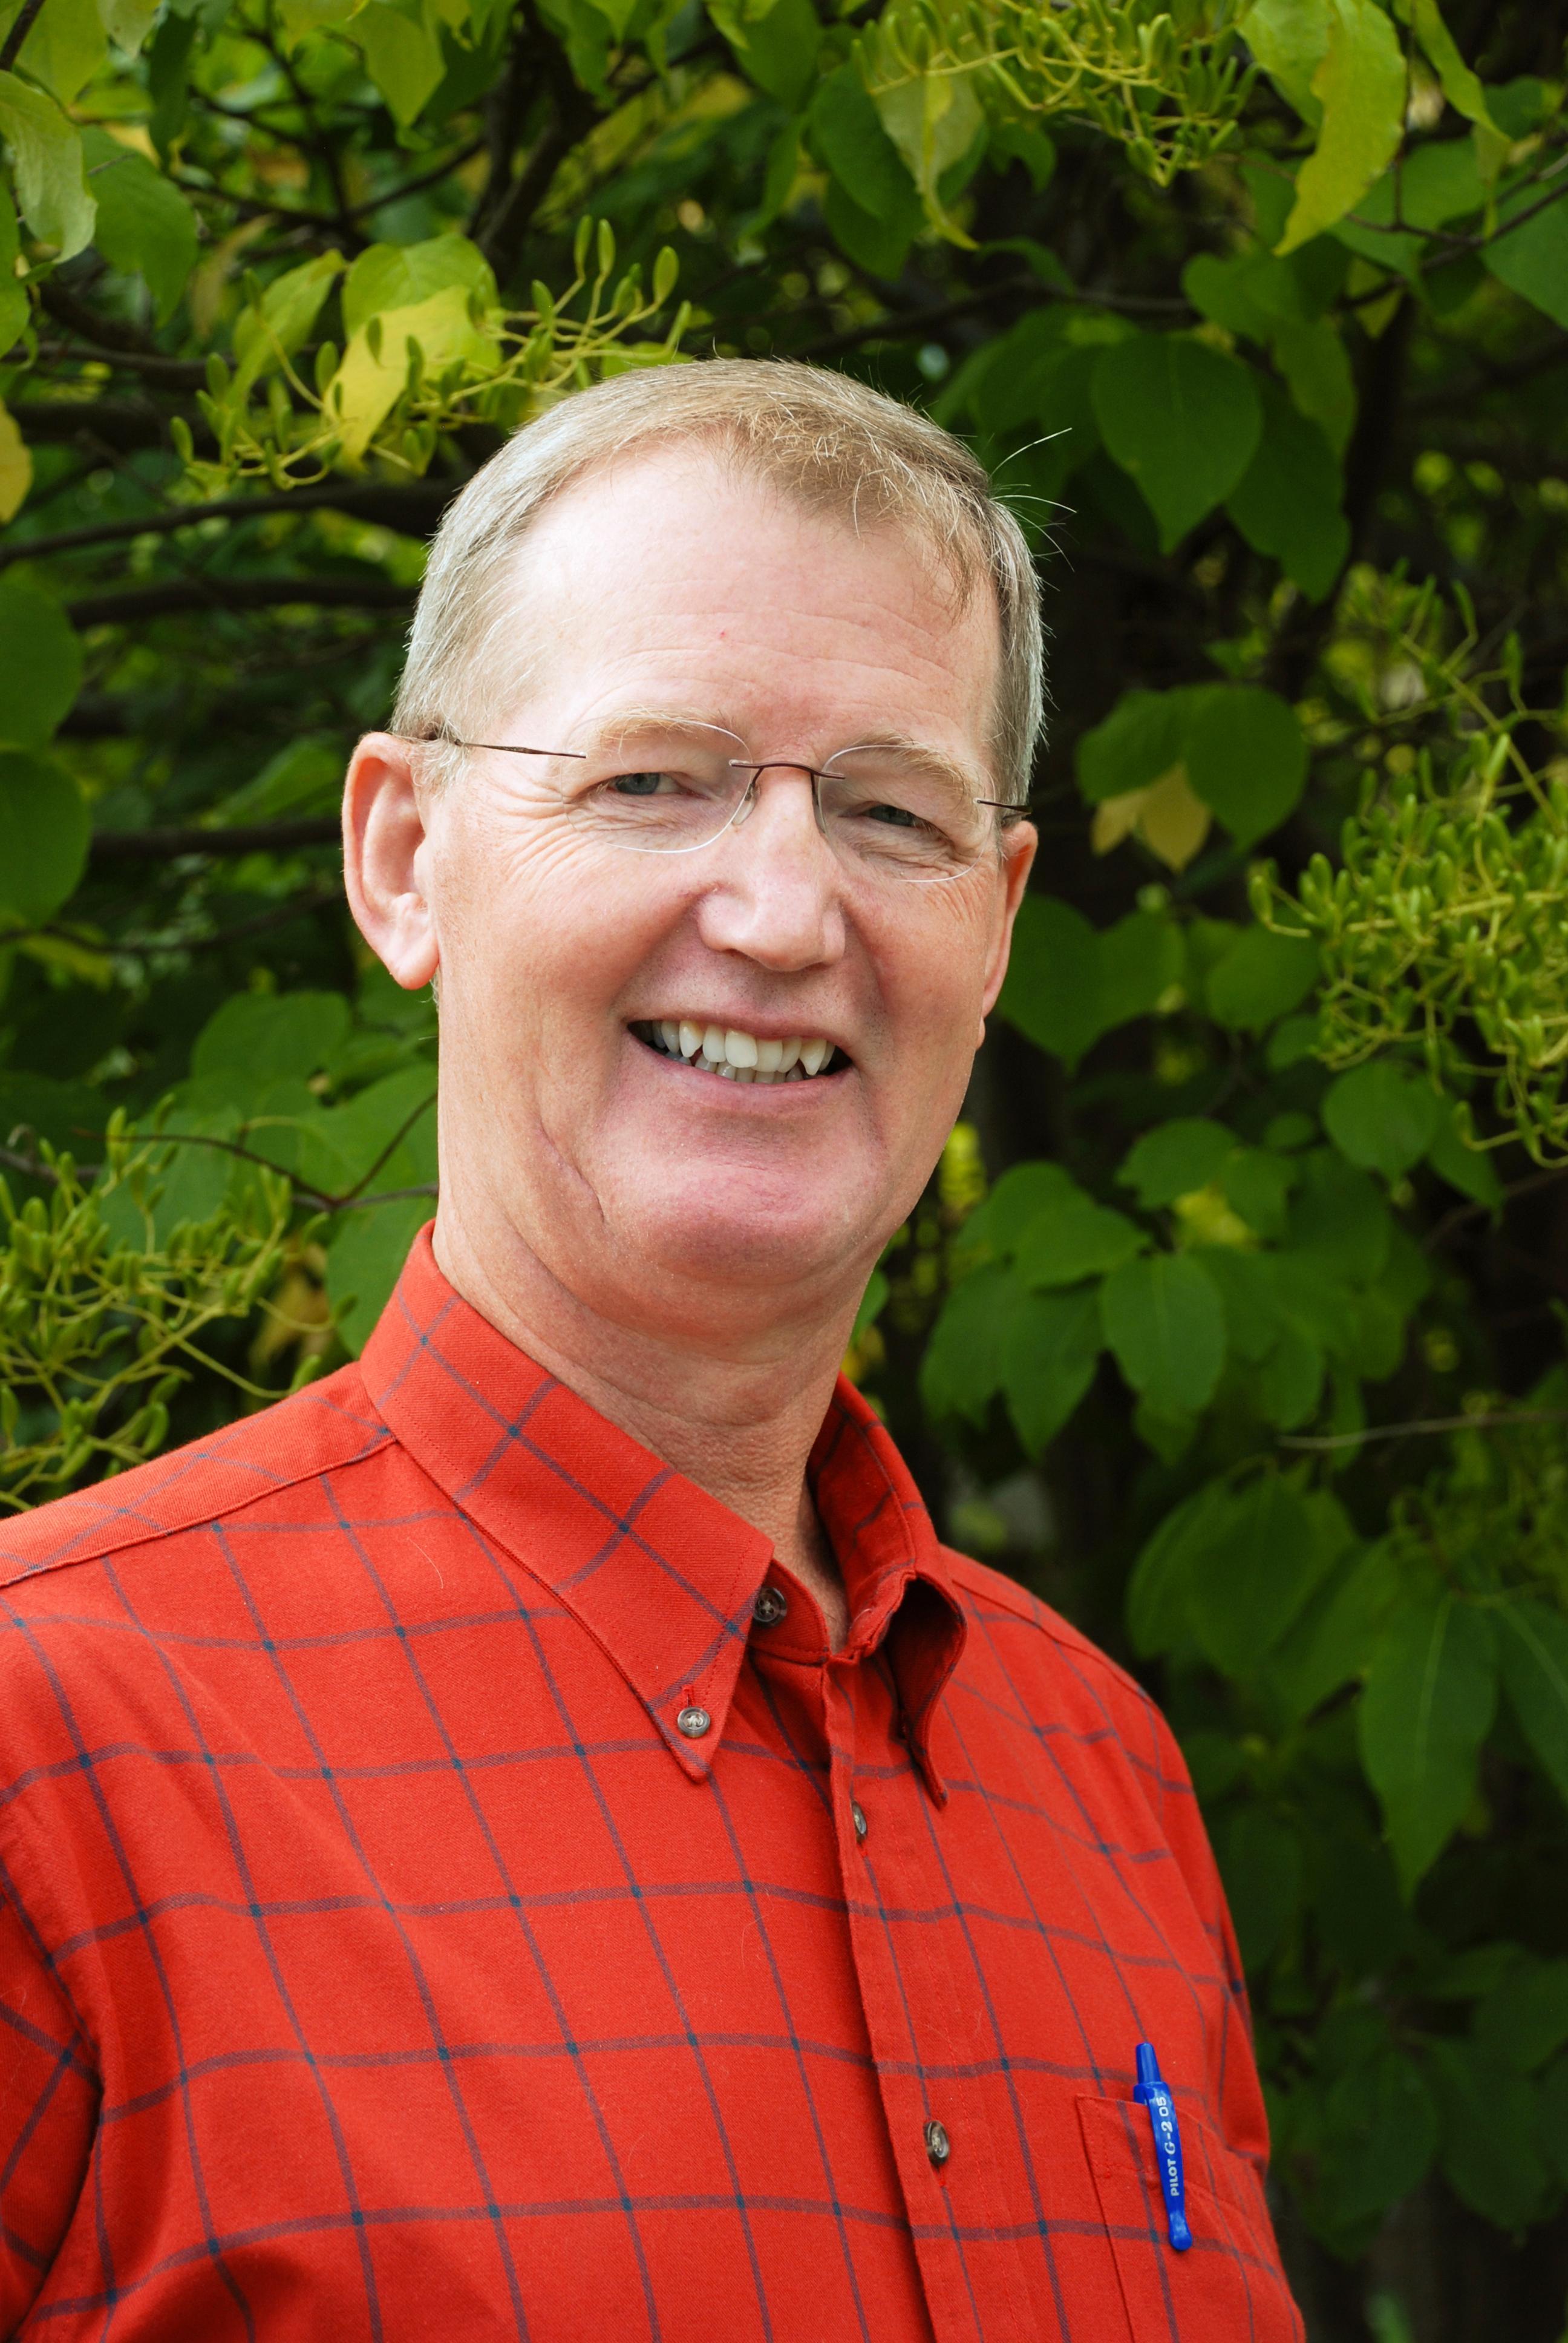 Ken Gilbertson